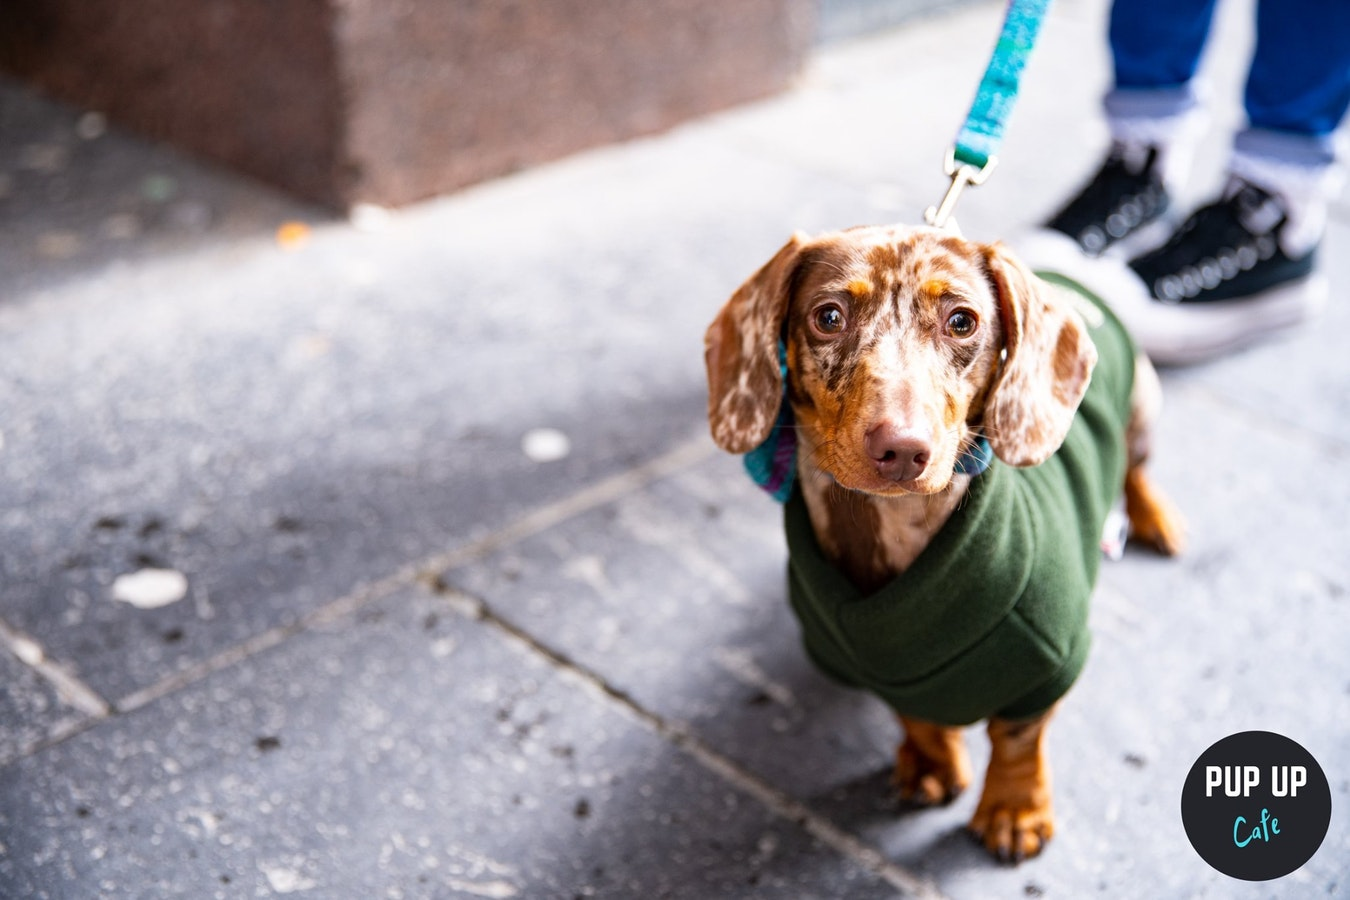 Dachshund Pup Up Cafe – Nottingham